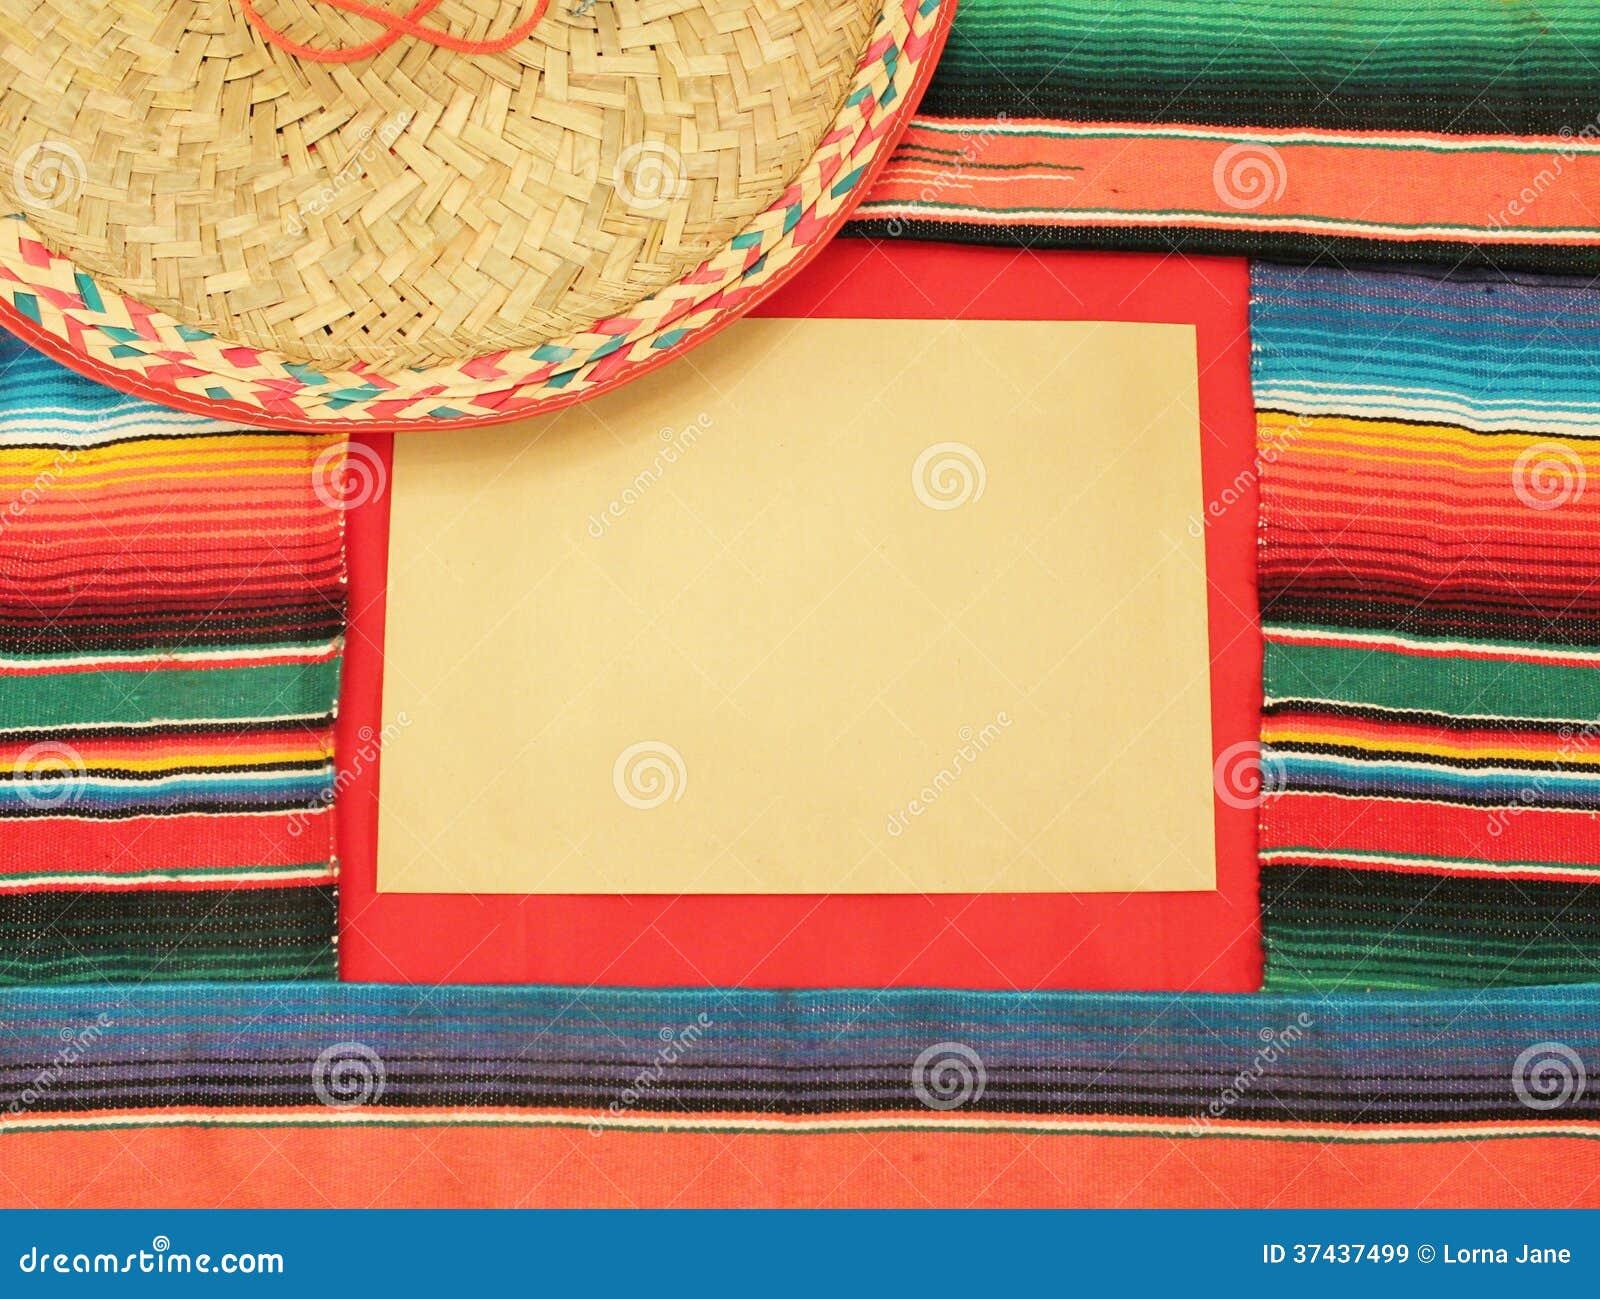 Fiesta Poncho Frame Sombrero Cinco De Mayo Royalty Free